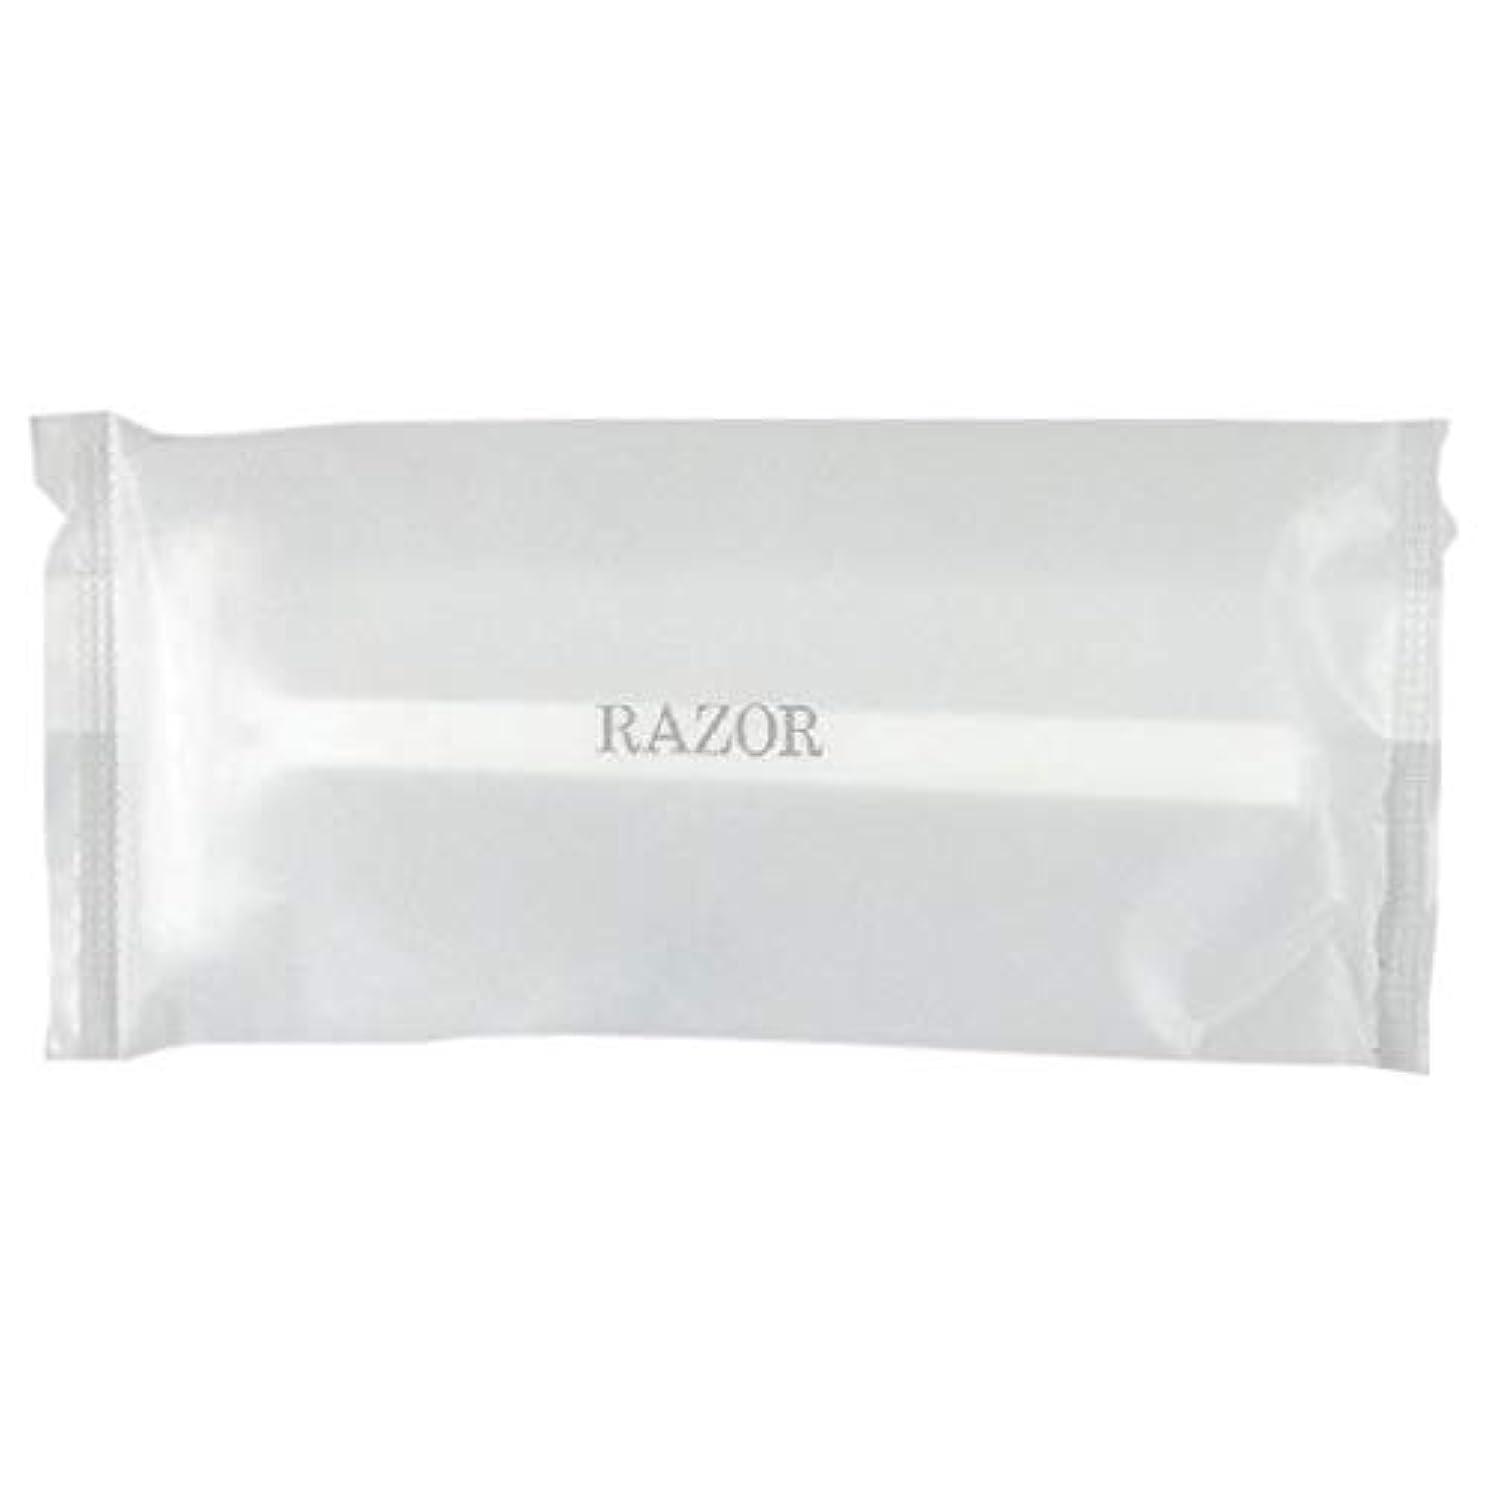 枕に向かって市場カミソリ2枚刃 フェザーシティエース-4 マットOPP袋 500入